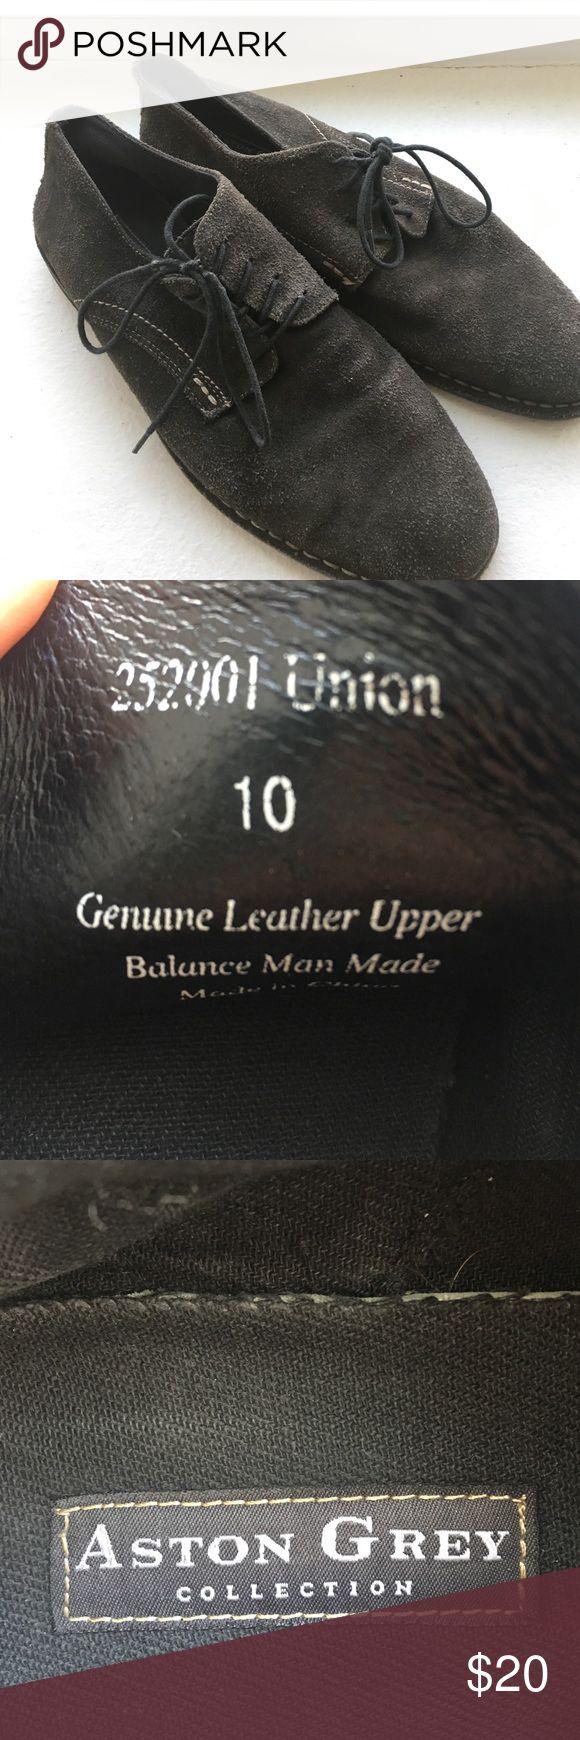 Men's Aston Grey suede shoes - size 10 Men's size 10 grey suede dress shoes. Aston Grey Shoes Oxfords & Derbys